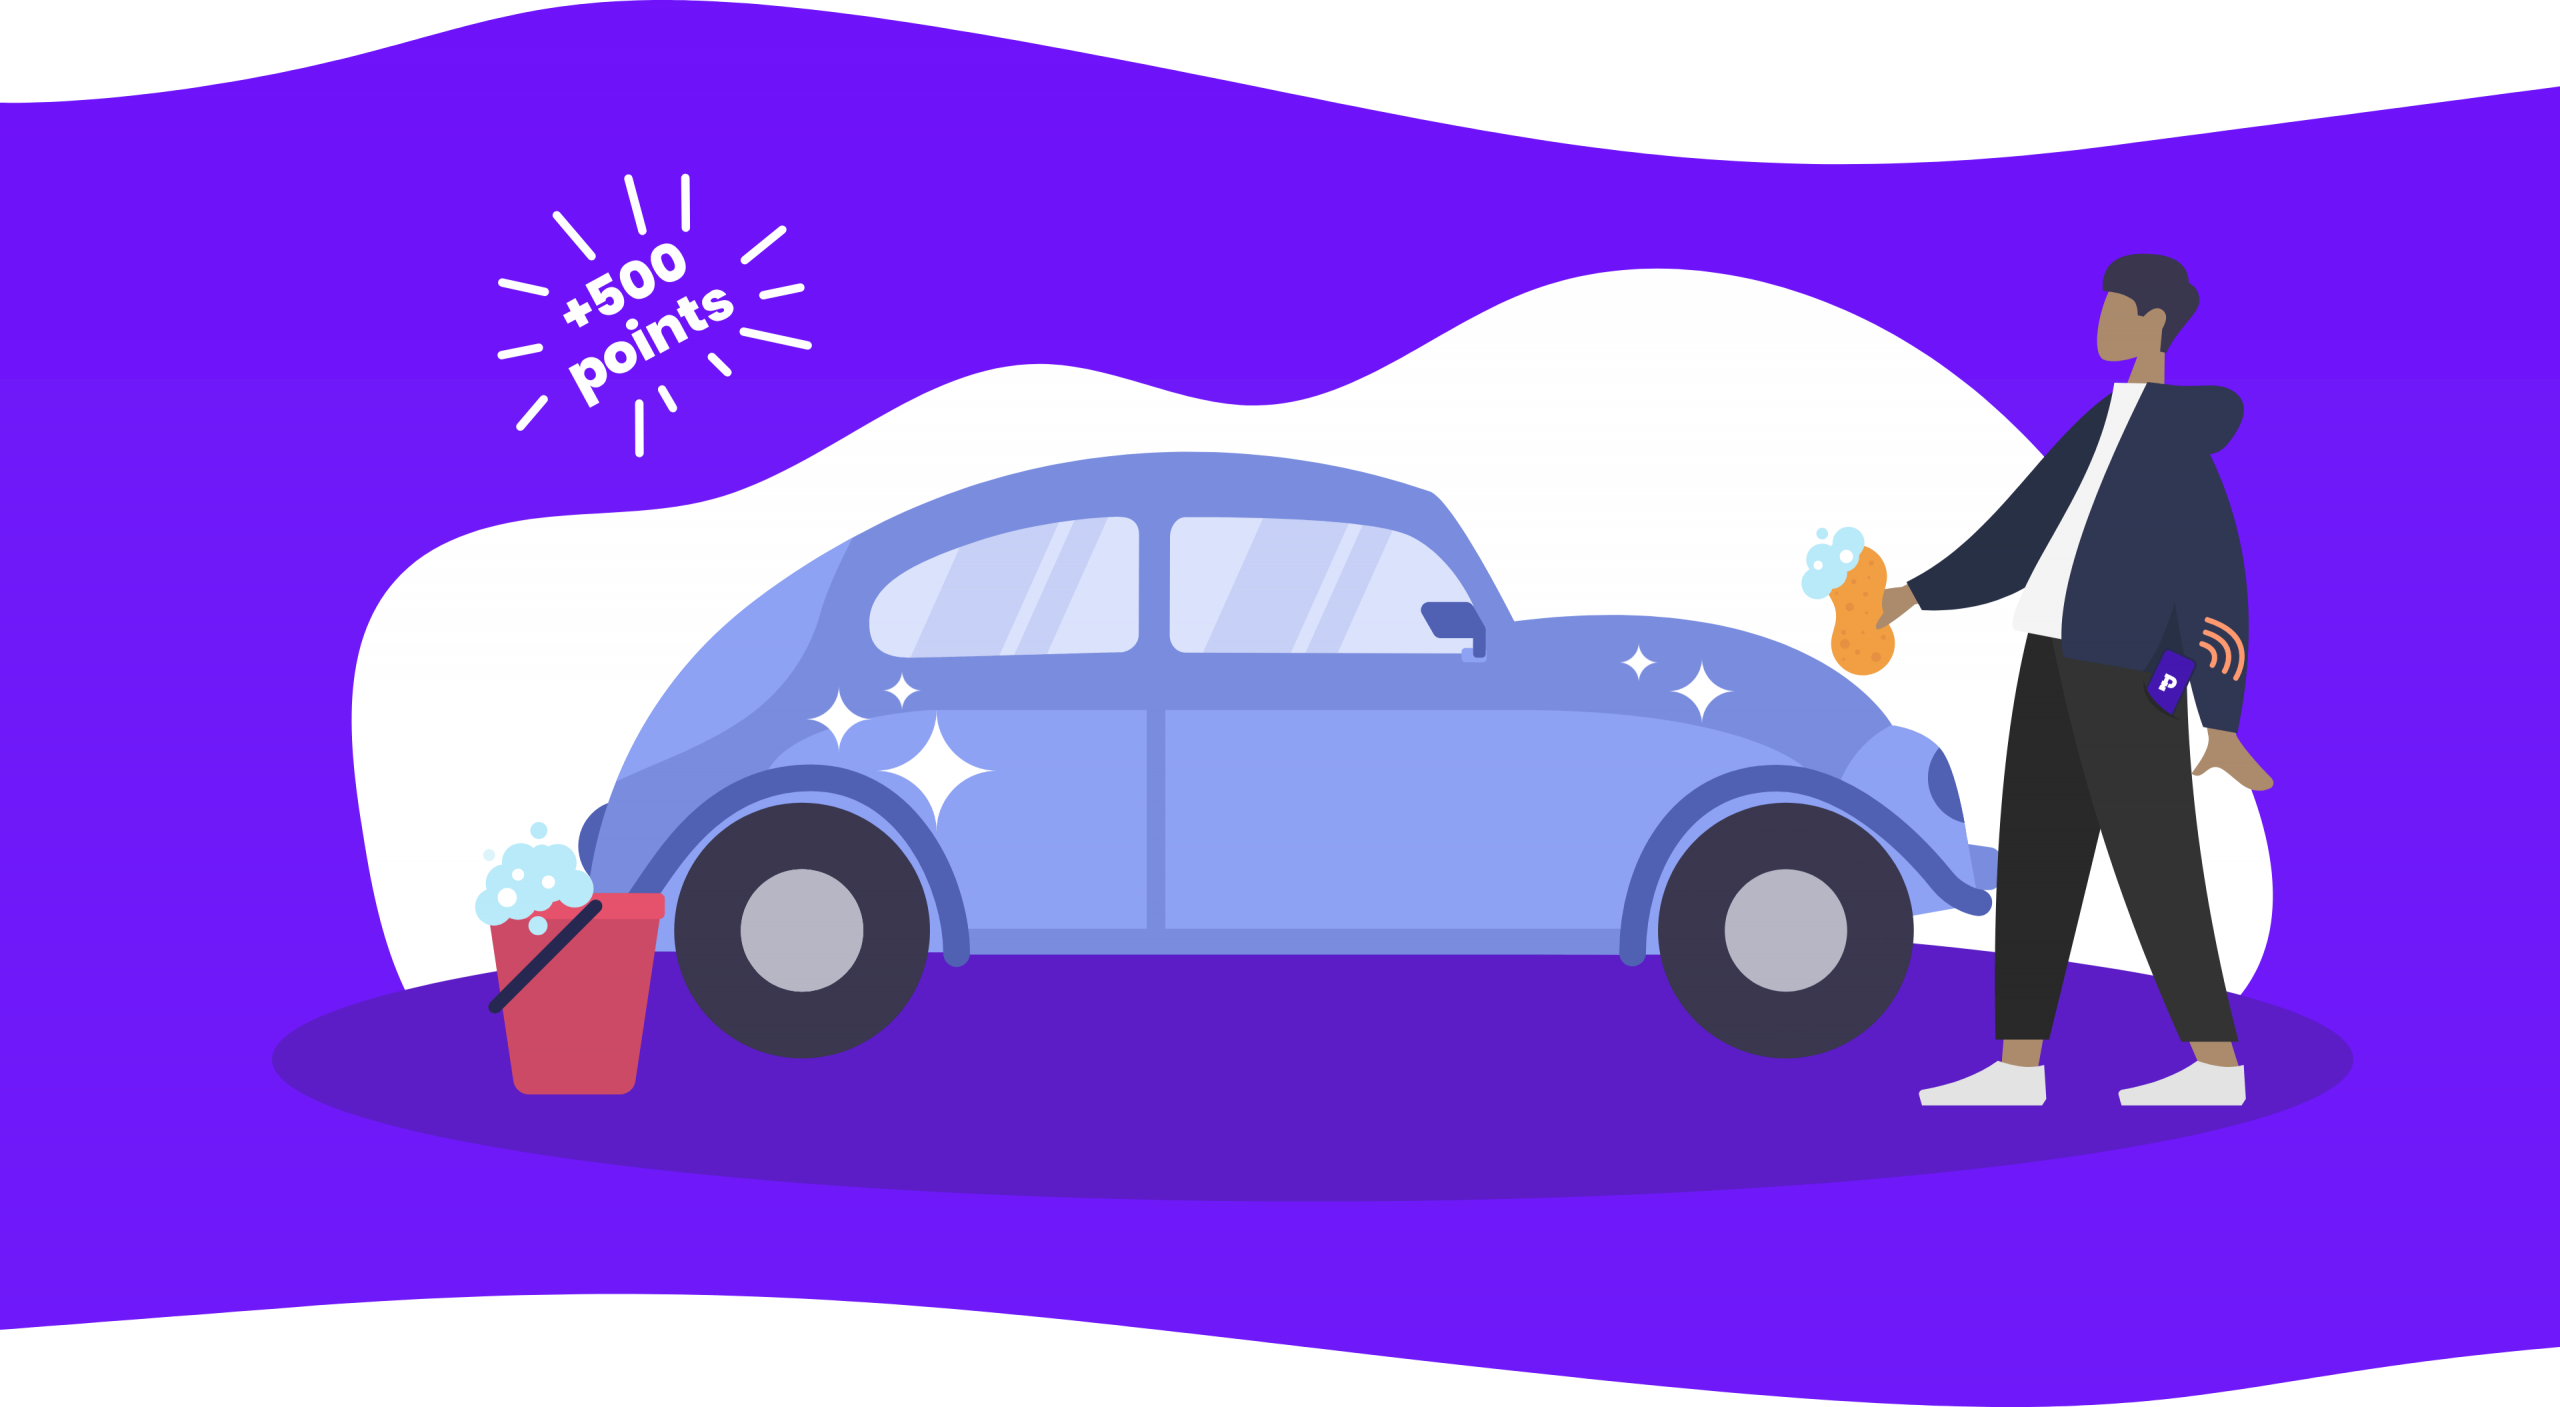 Phavour car washing illustration